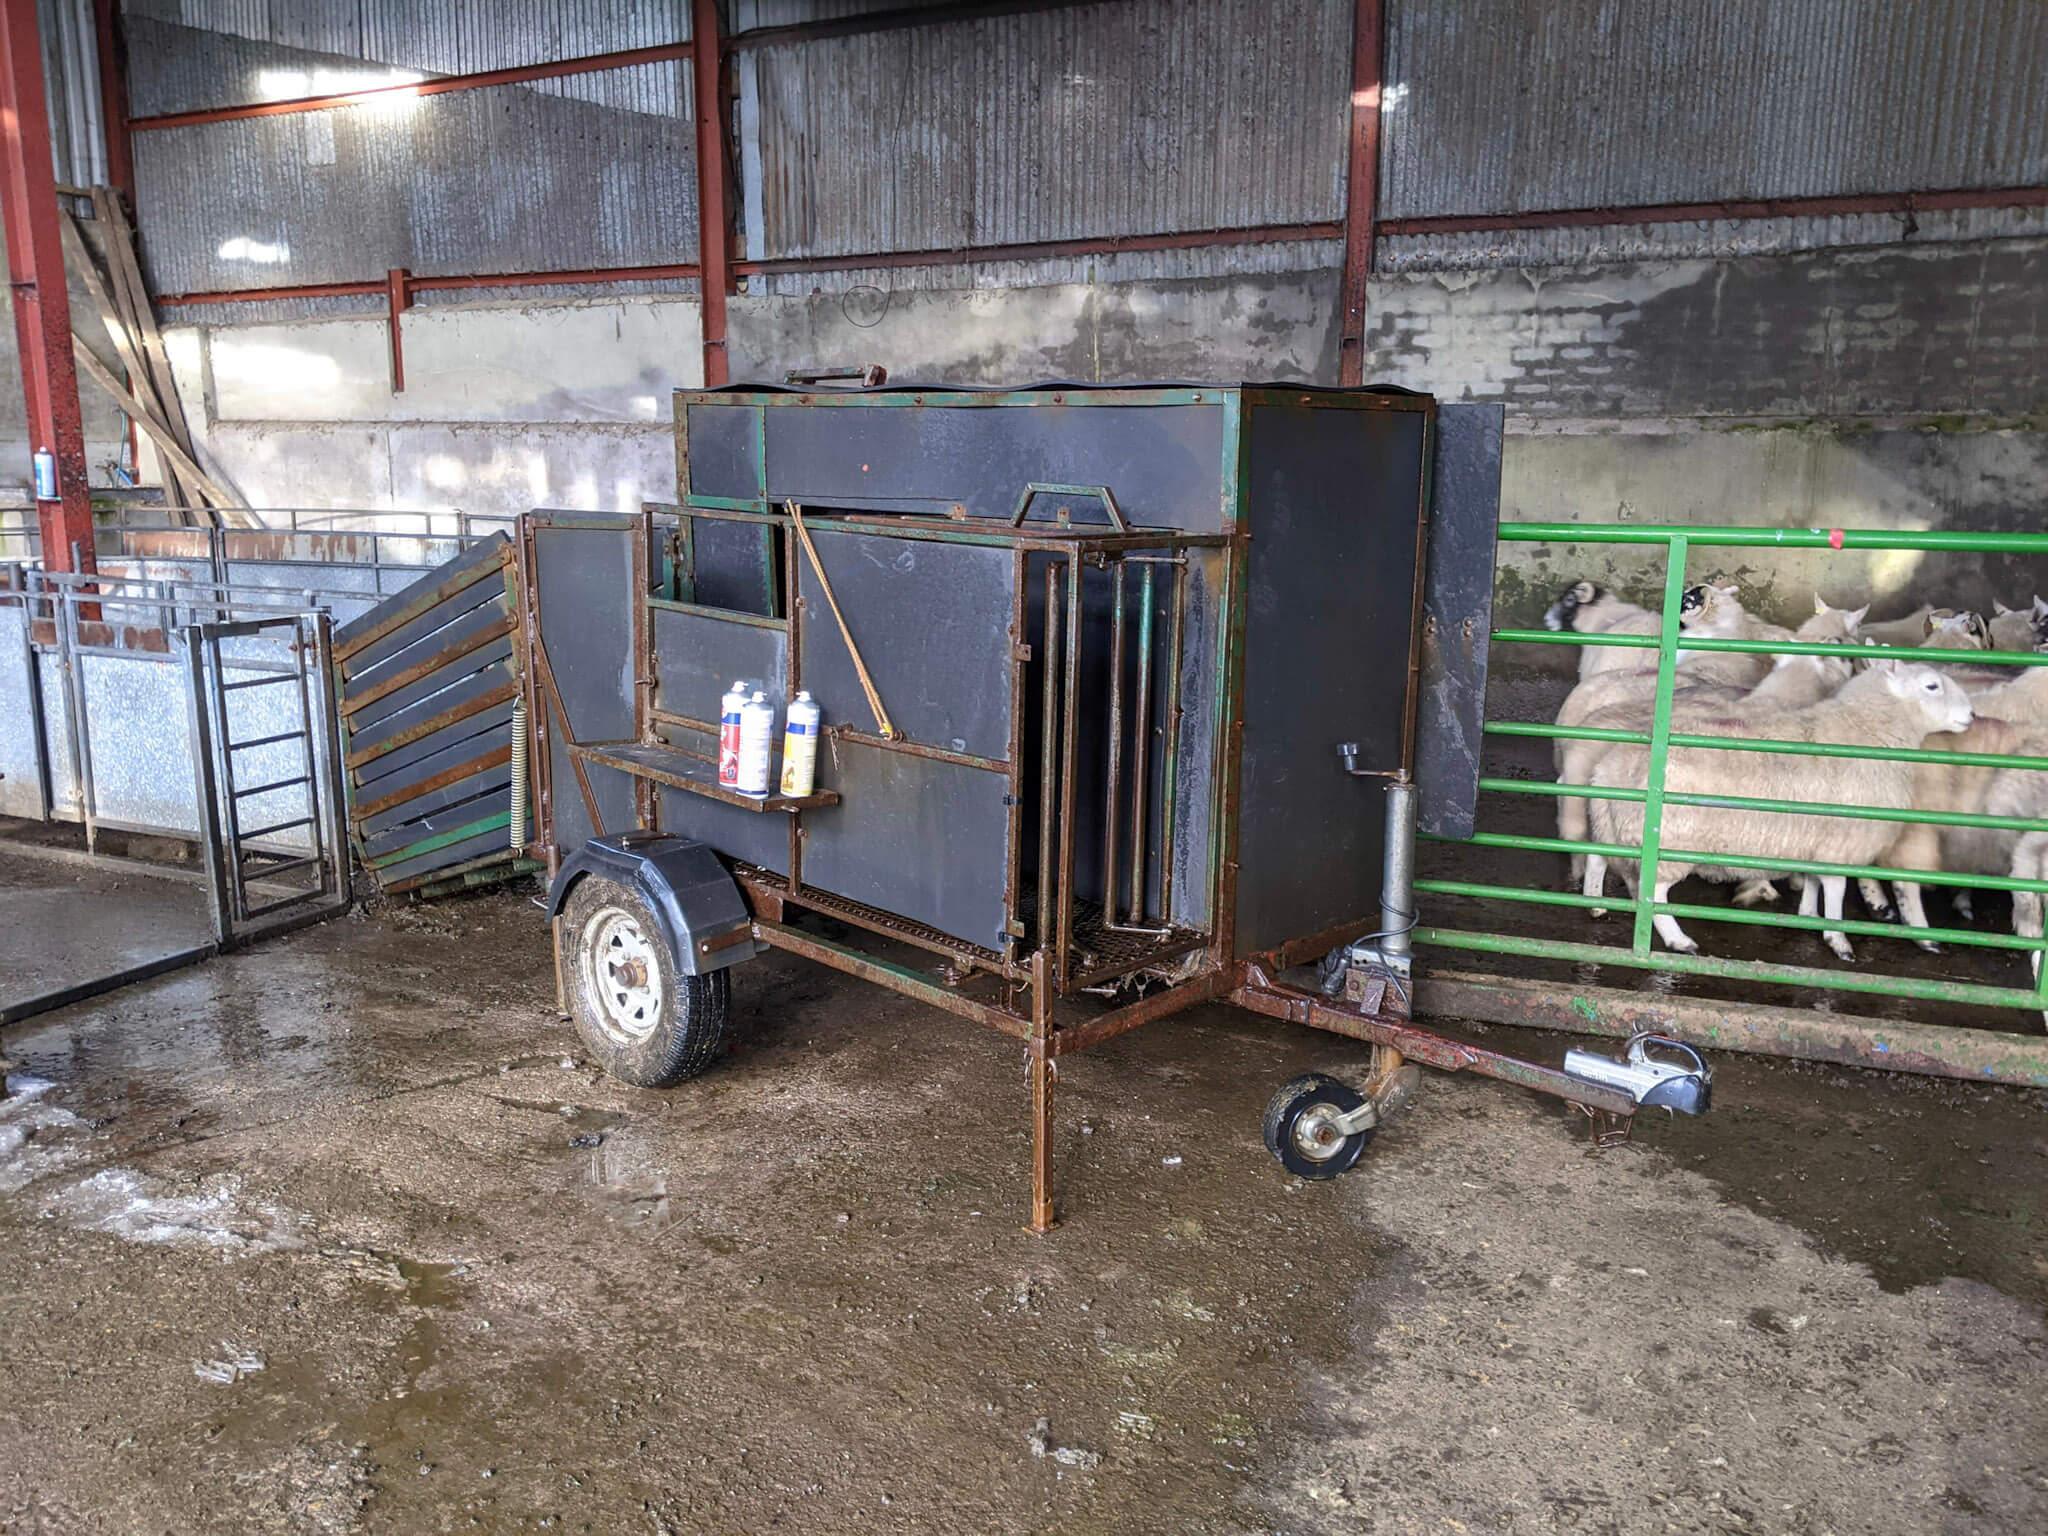 Custom built trailer for scanning sheep.